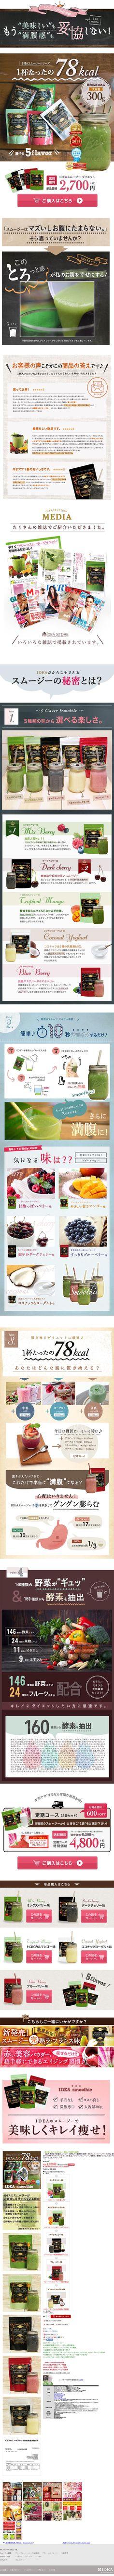 IDEAスムージーシリーズ300g【健康・美容食品関連】のLPデザイン。WEBデザイナーさん必見!ランディングページのデザイン参考に(かわいい系)